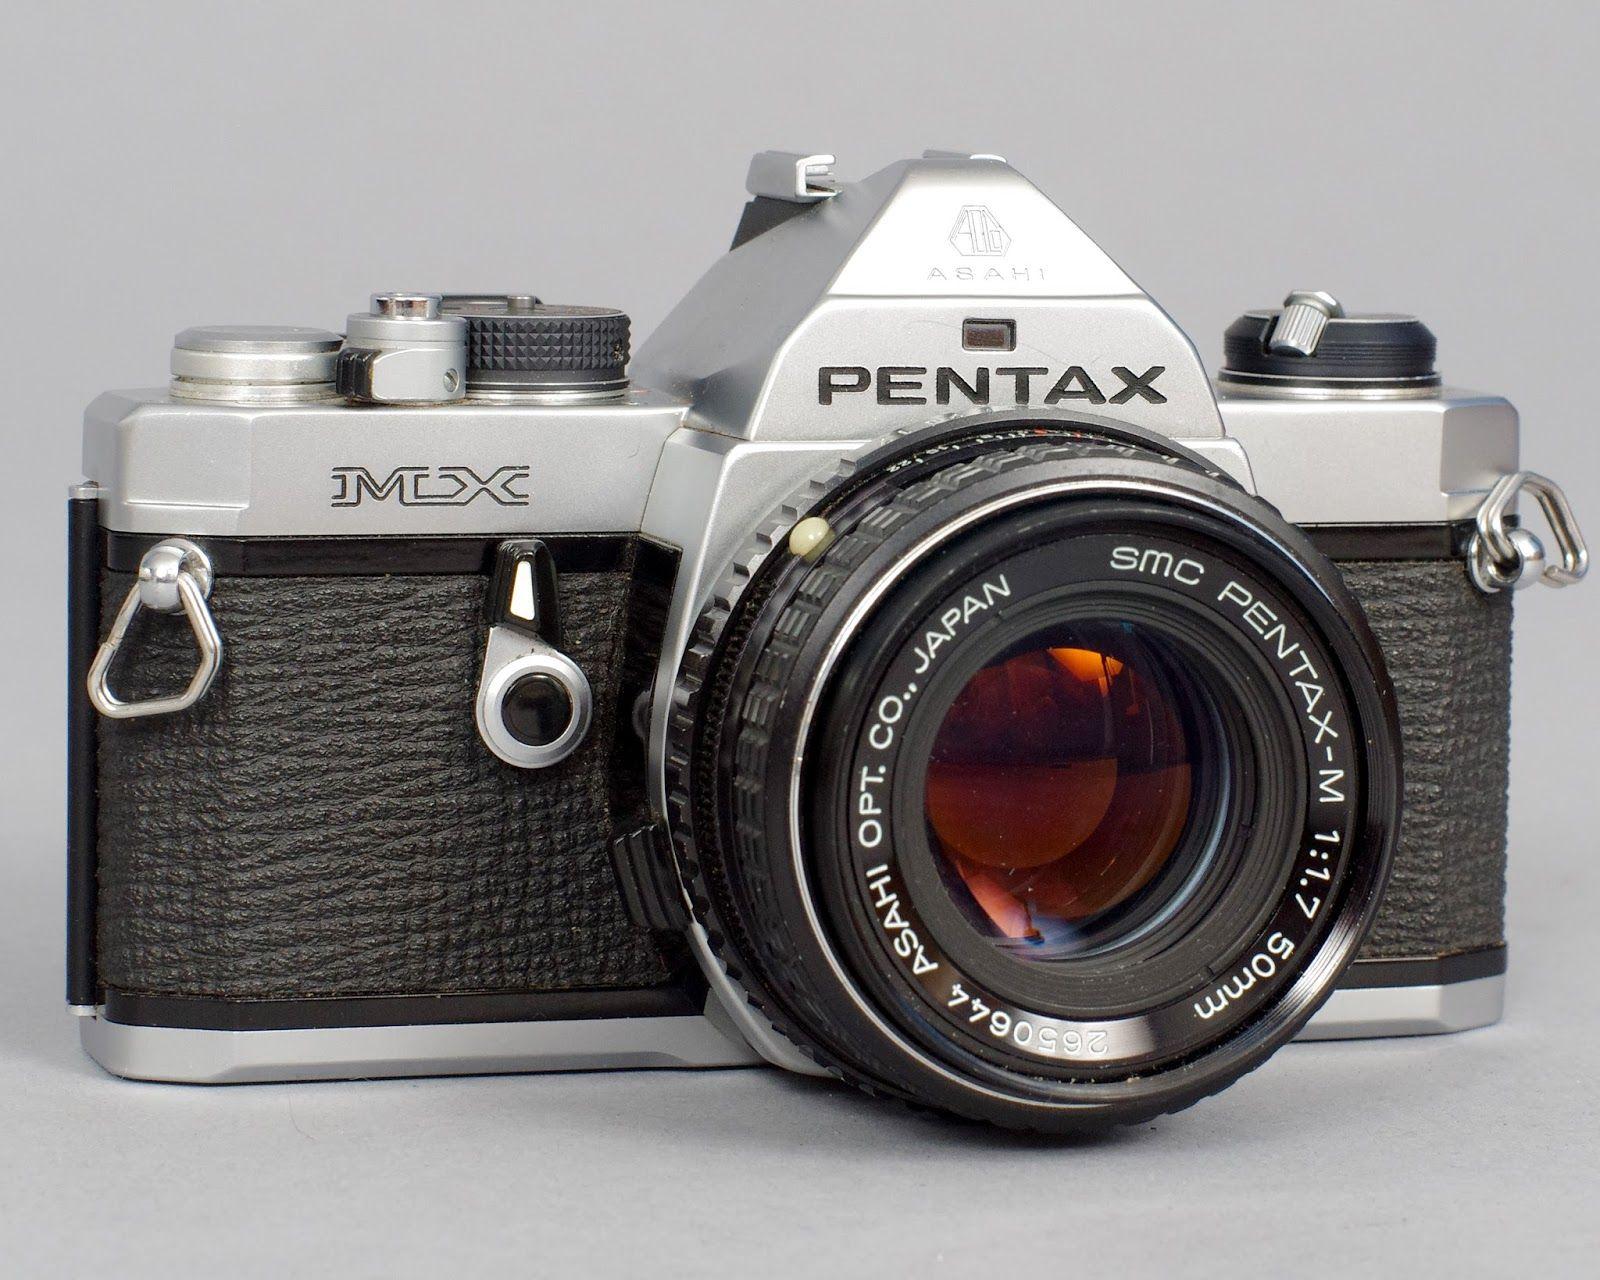 3 กล้องฟิล์มสำหรับมือใหม่ ใช้ง่ายไม่ซับซ้อน